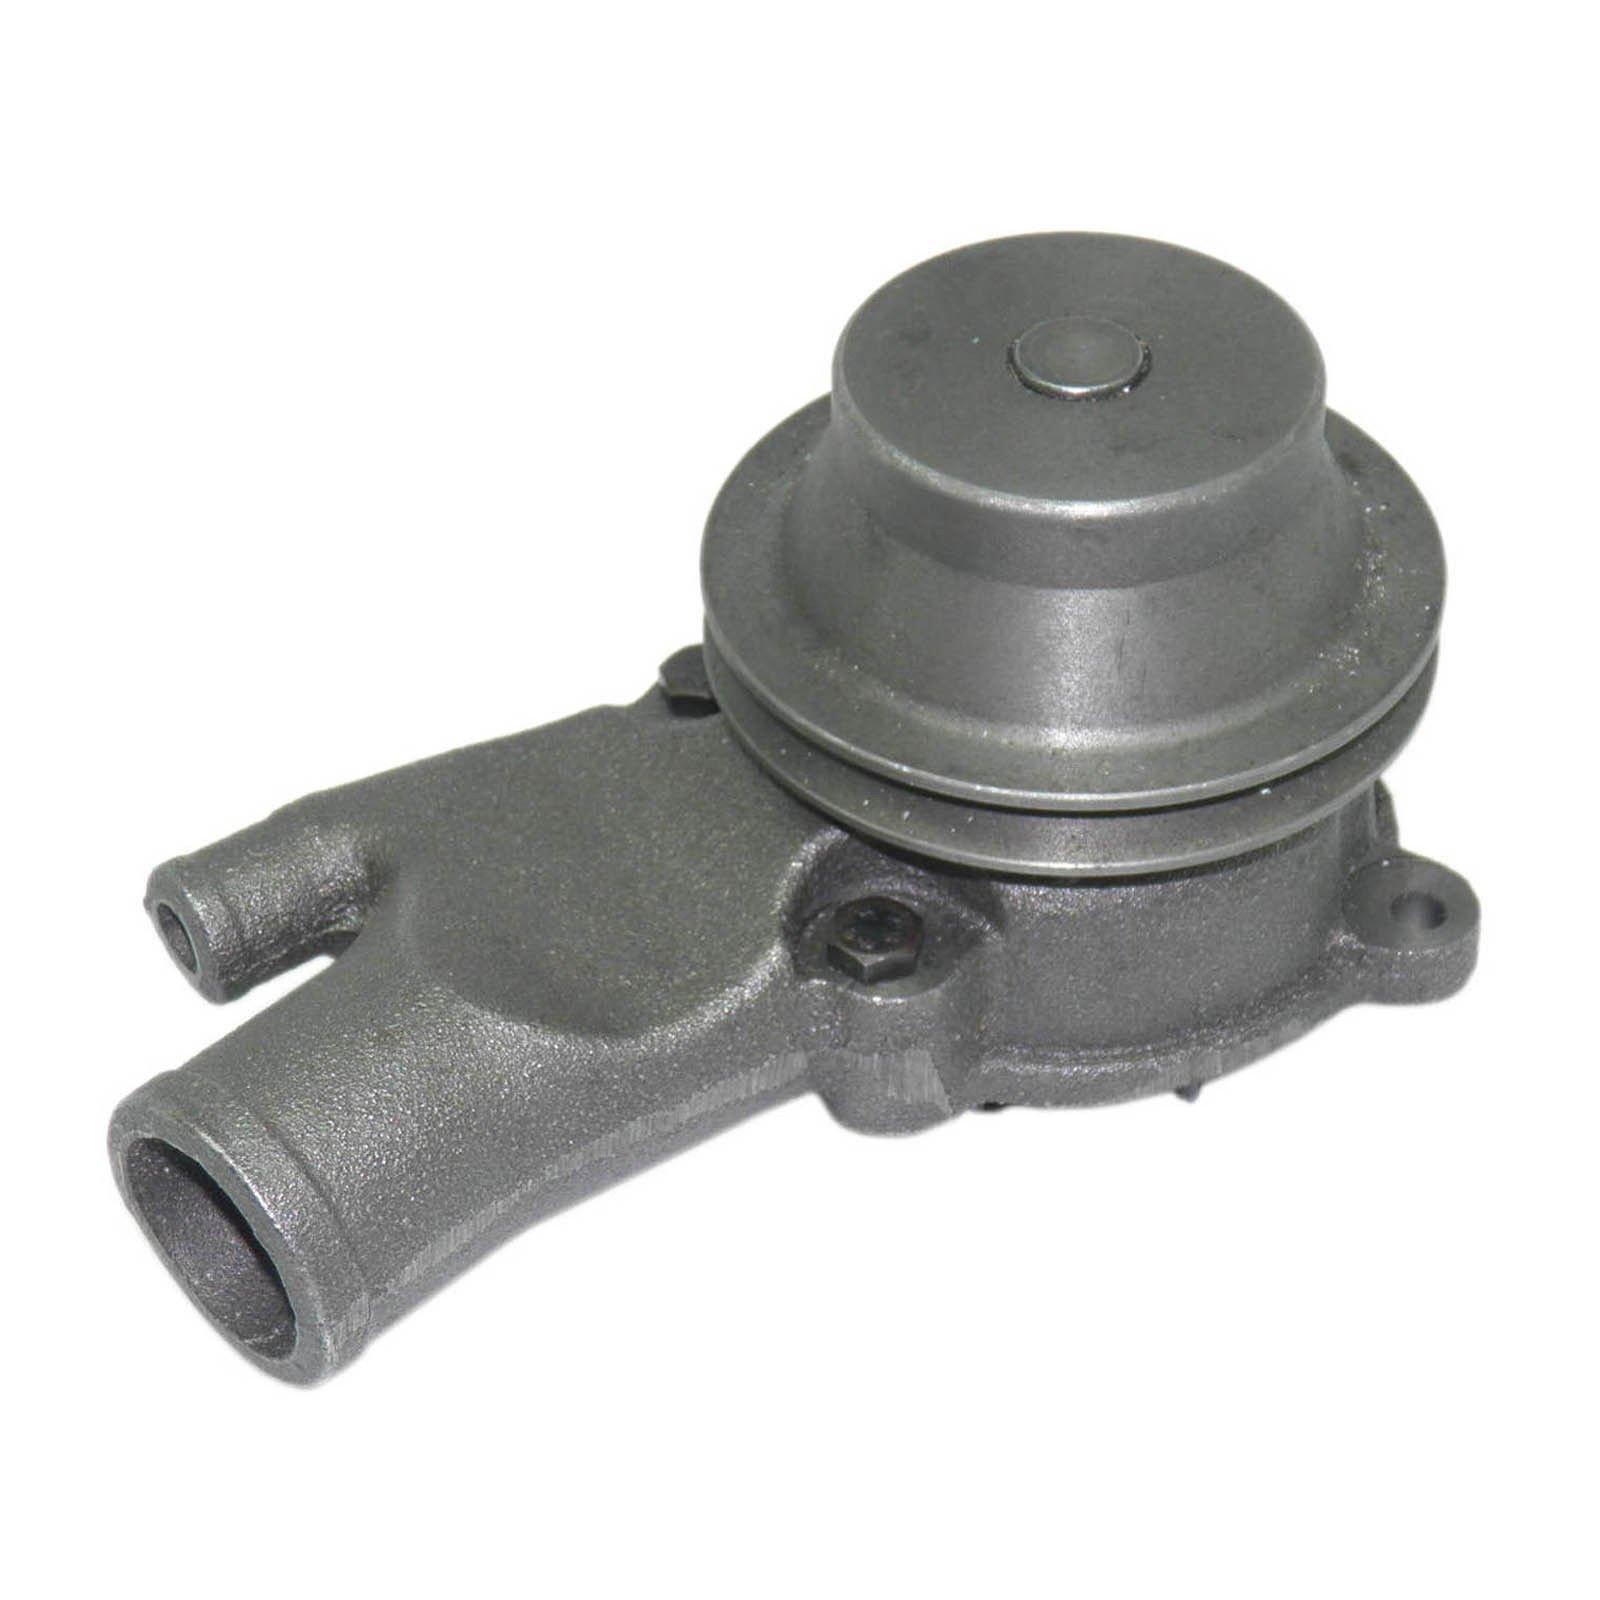 Forklift Supply - Aftermarket Hyster Forklift Water Pump PN 1383997